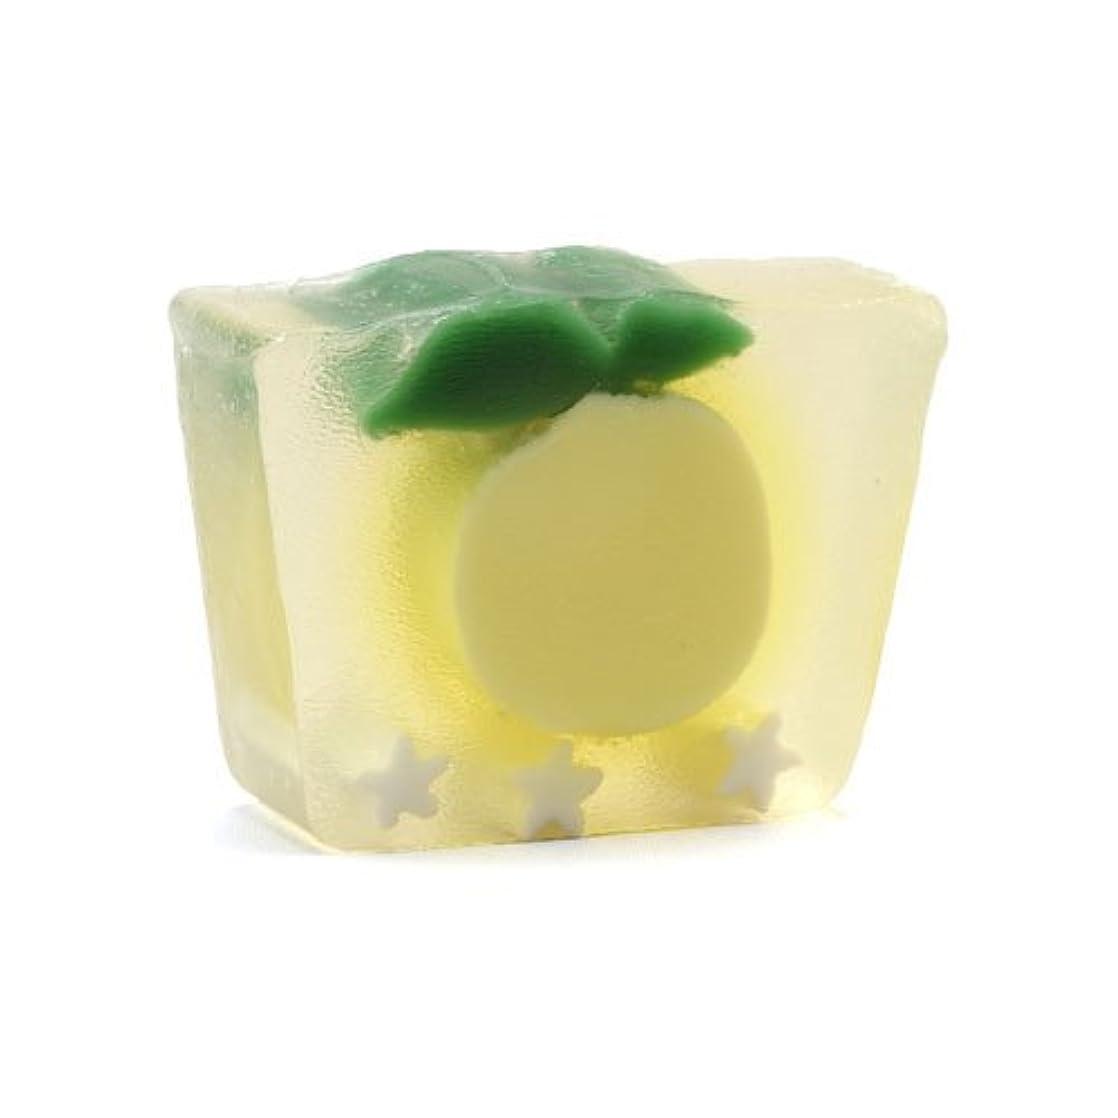 パラメータやめる経験者プライモールエレメンツ アロマティック ミニソープ カリフォルニアレモン 80g 植物性 ナチュラル 石鹸 無添加